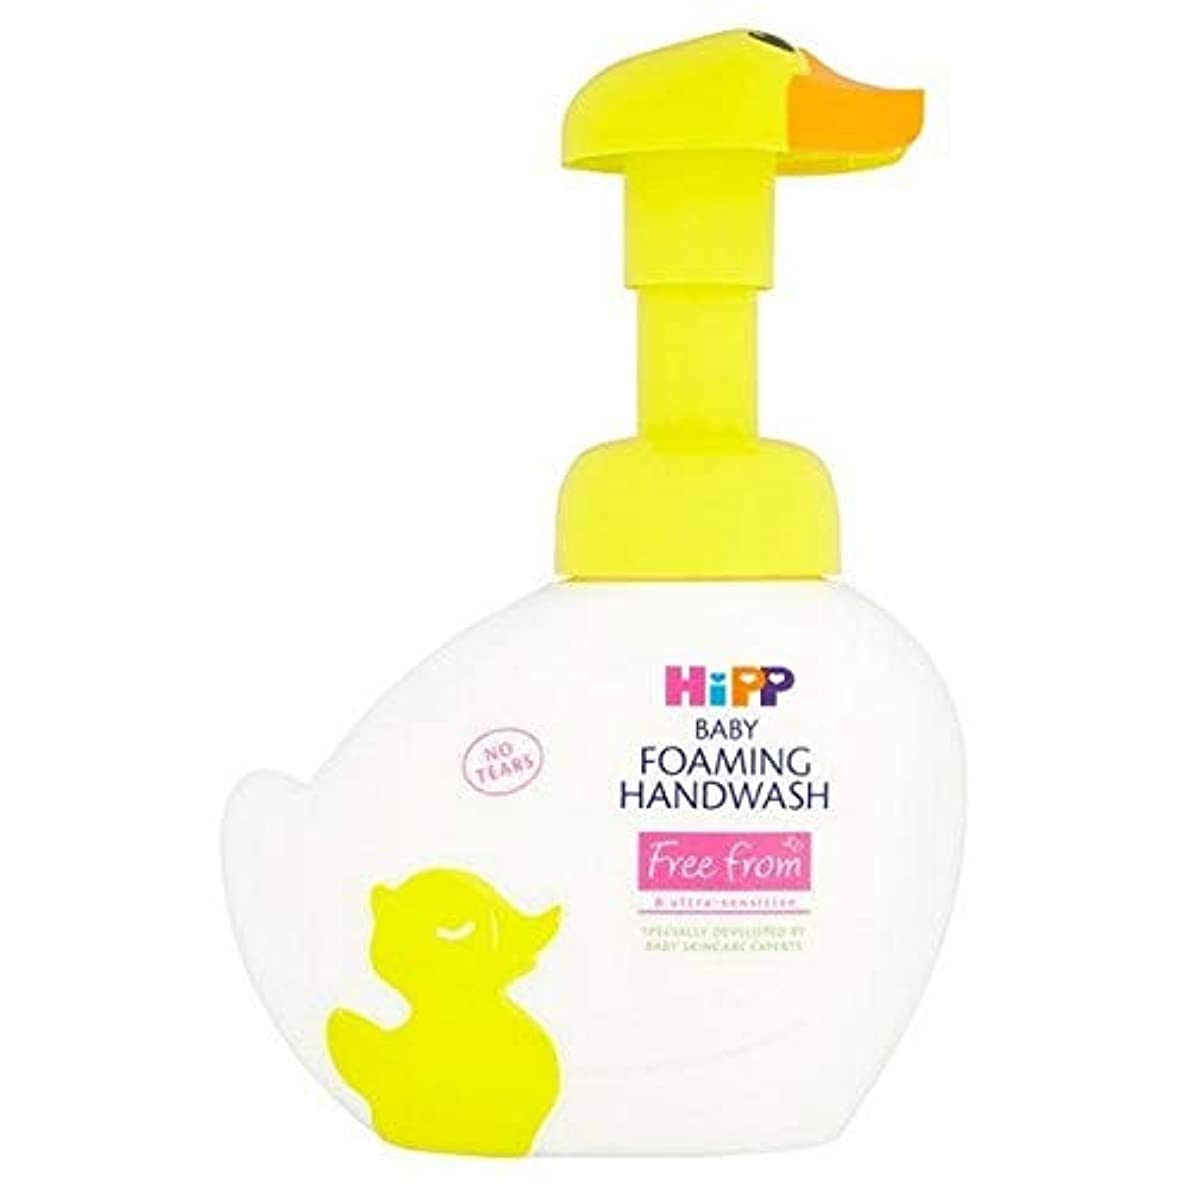 化学薬品極めて重要なメッシュ[Hipp ] ヒップ自由手洗いの250ミリリットルを発泡から - HiPP Free From Foaming Handwash 250ml [並行輸入品]